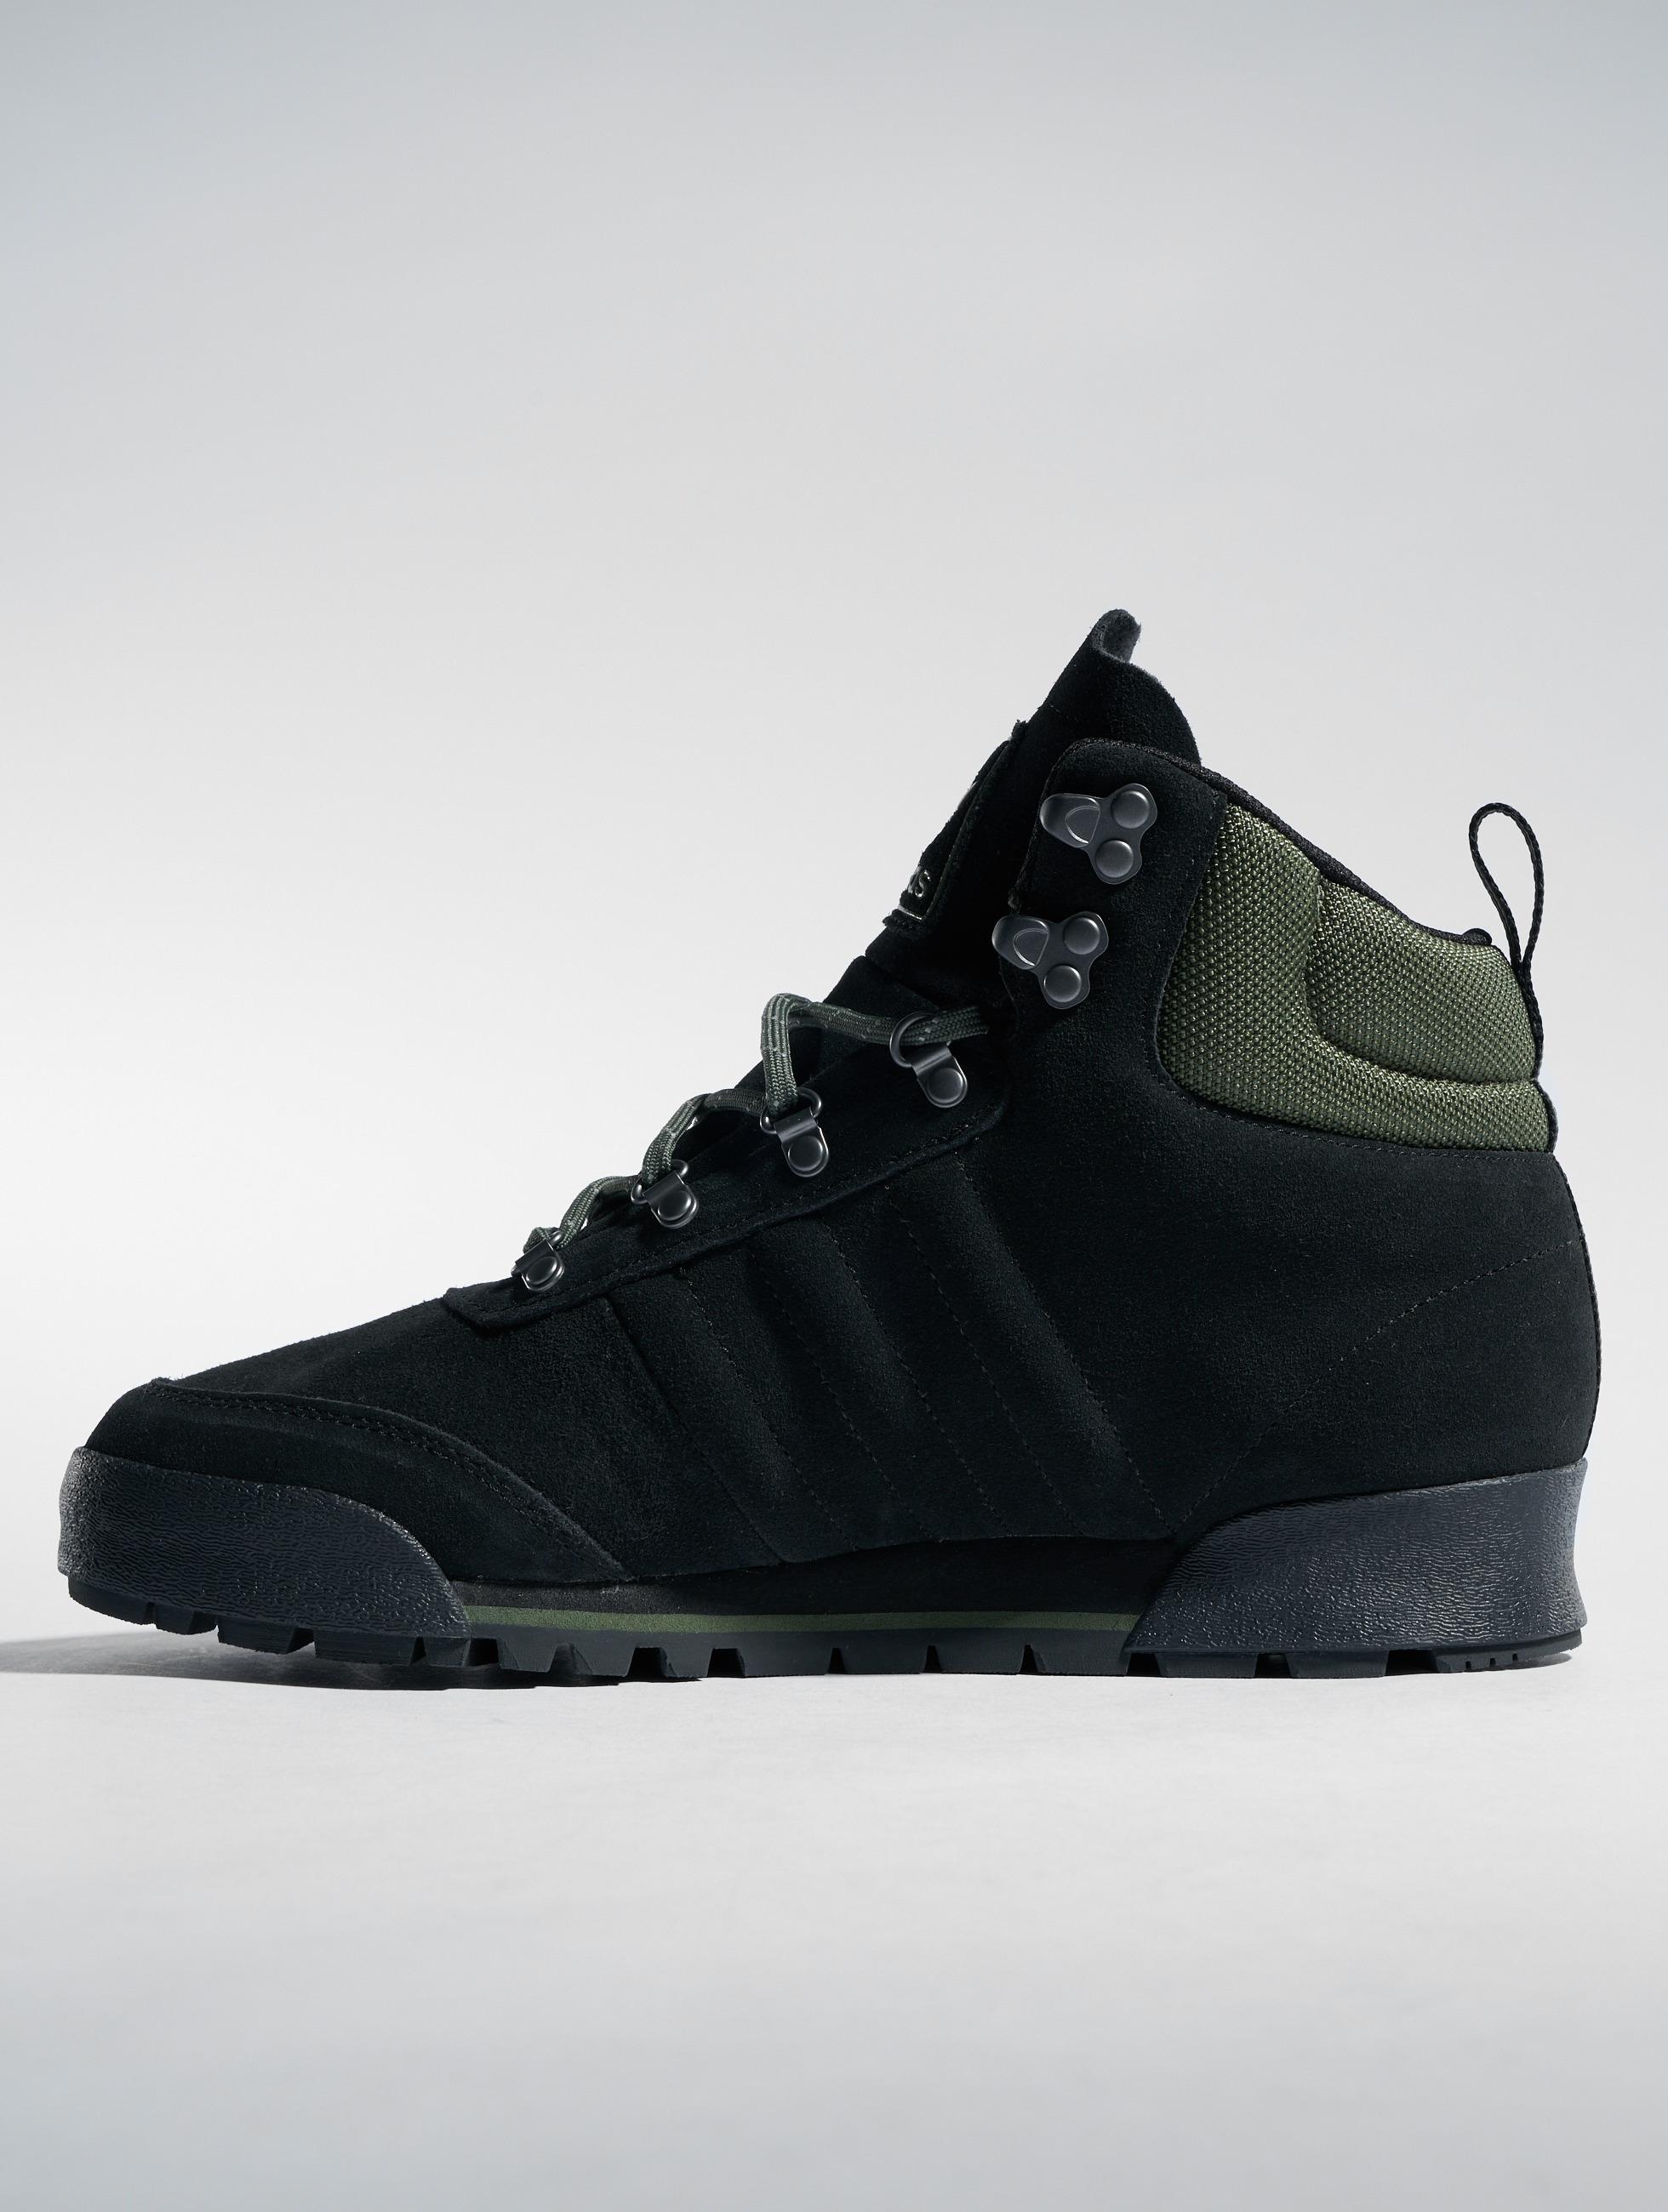 76bce73ce5a adidas originals schoen / sneaker Jake Boot 2.0 in zwart 499008